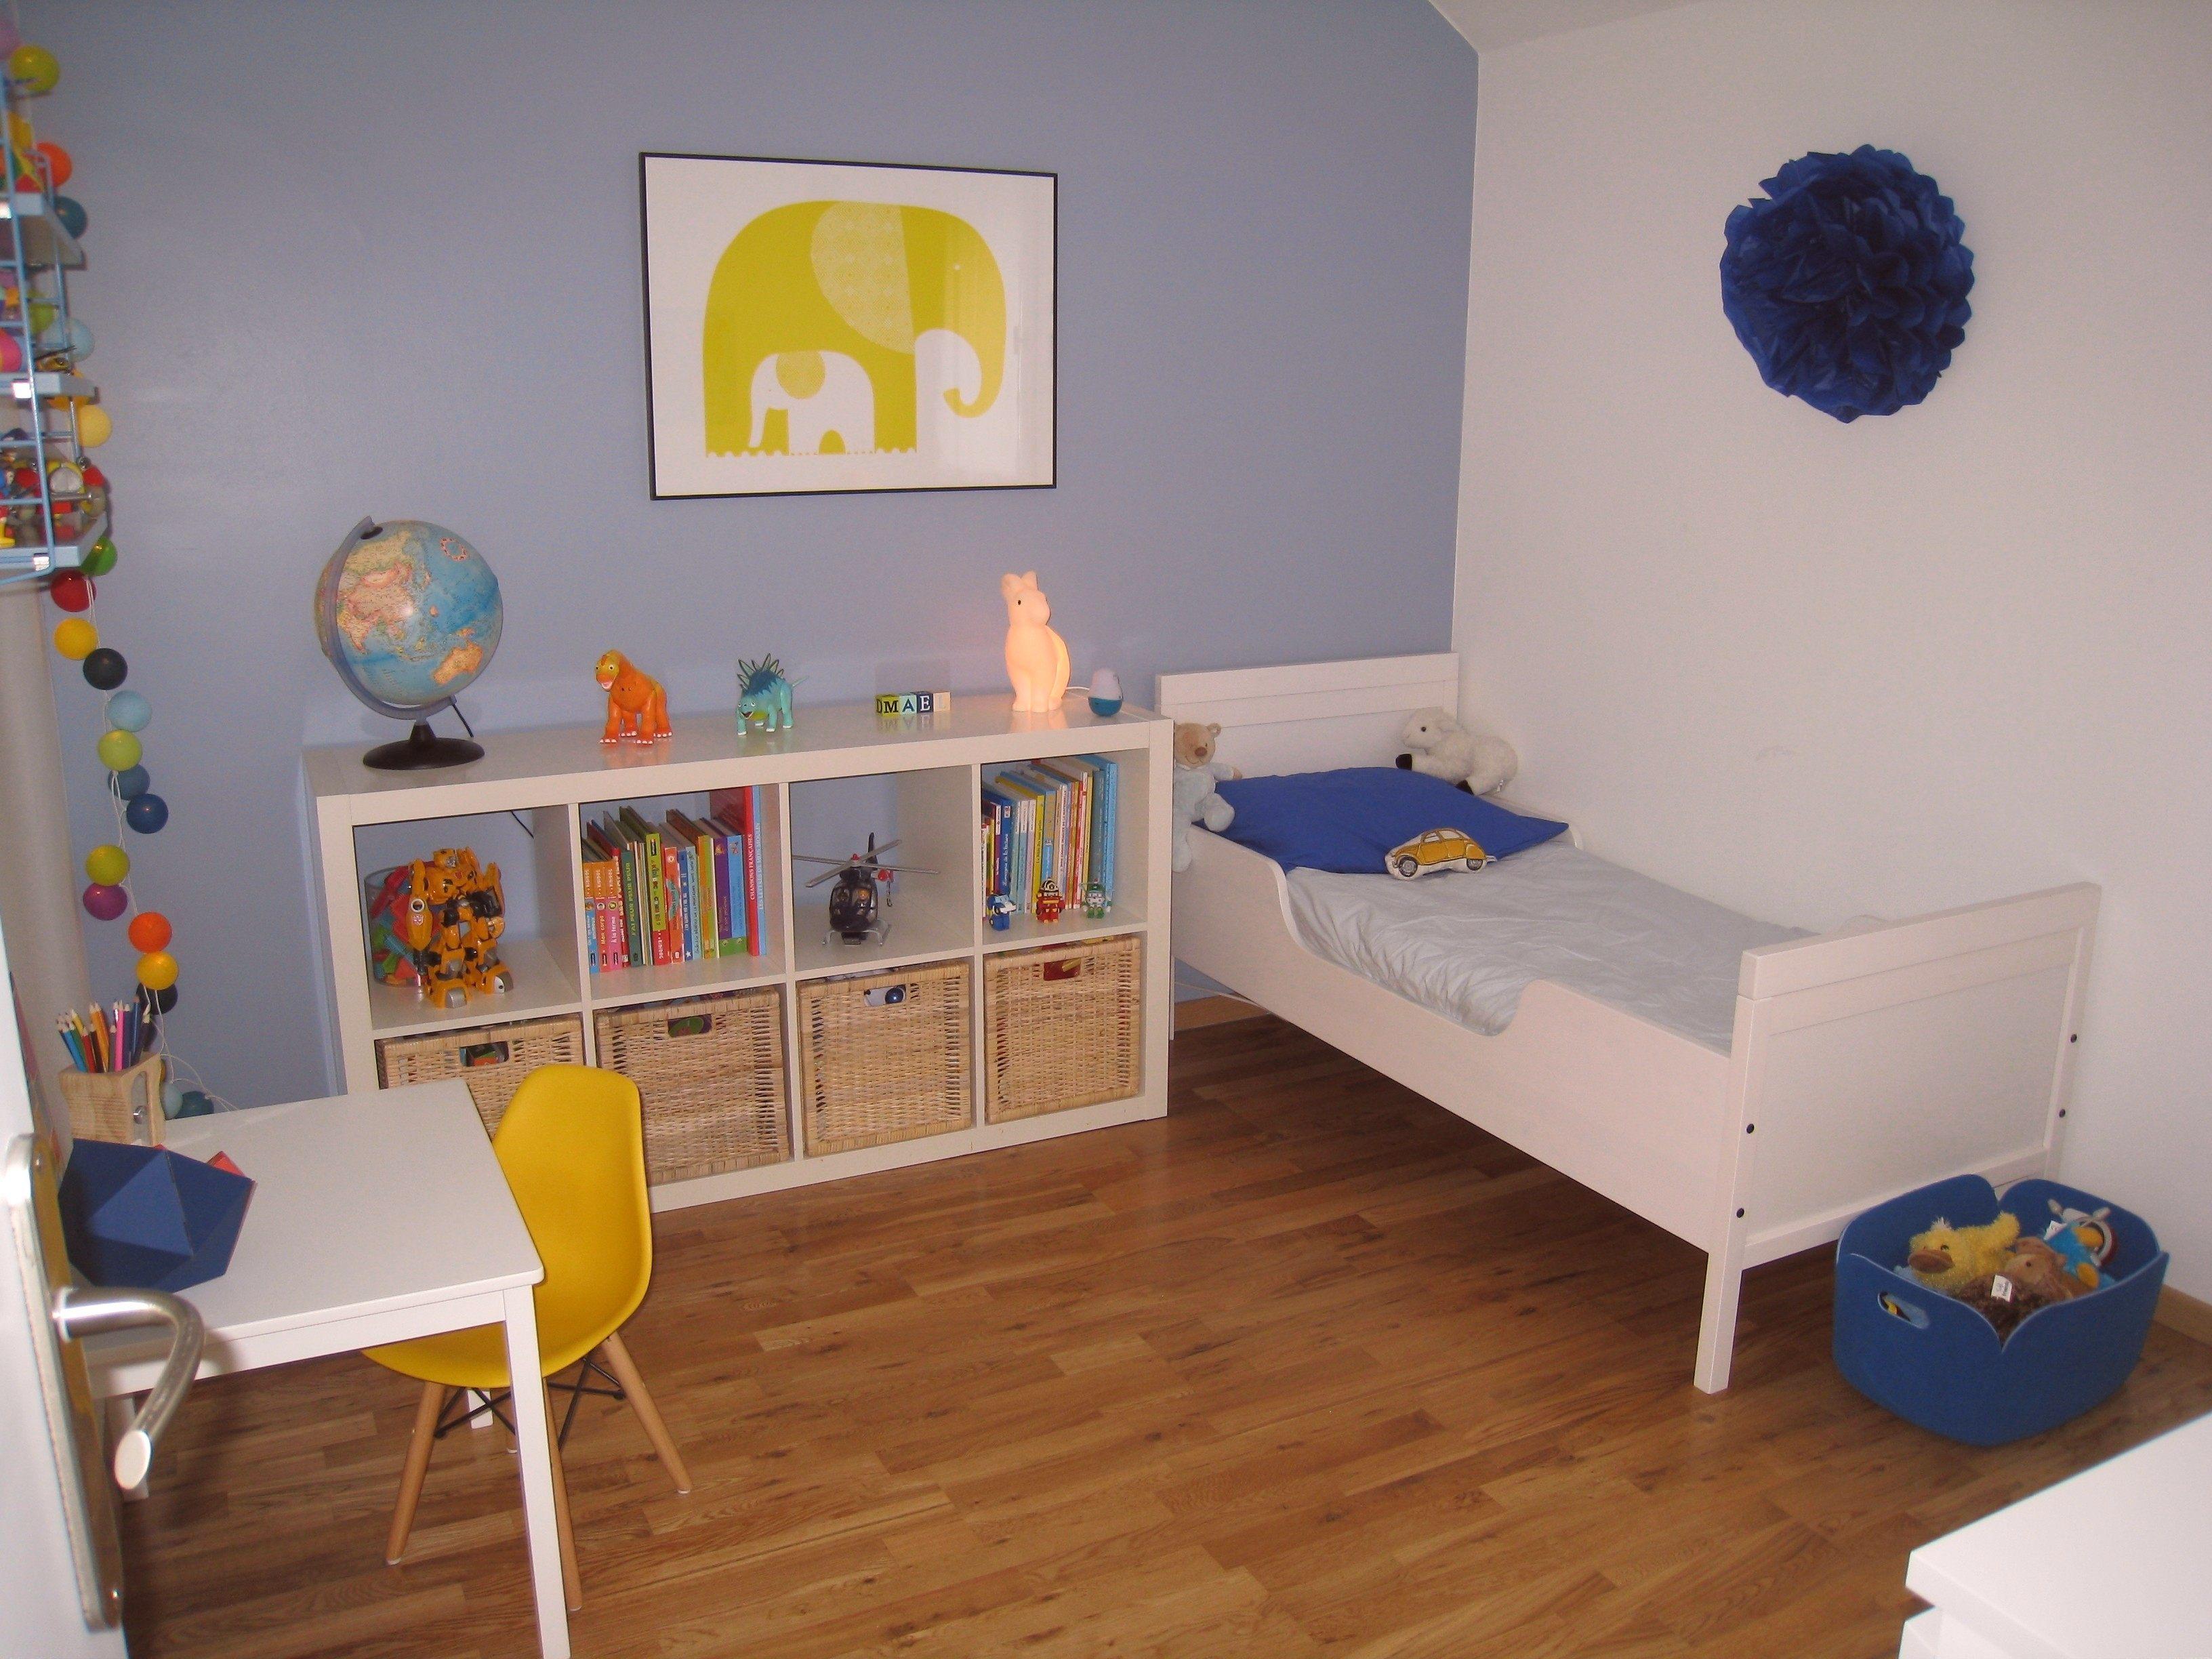 Lit Enfant 2 Ans Le Luxe Chambre Enfant 2 Ans Canape Lit Enfant Lit Adulte 160 Lit Adulte